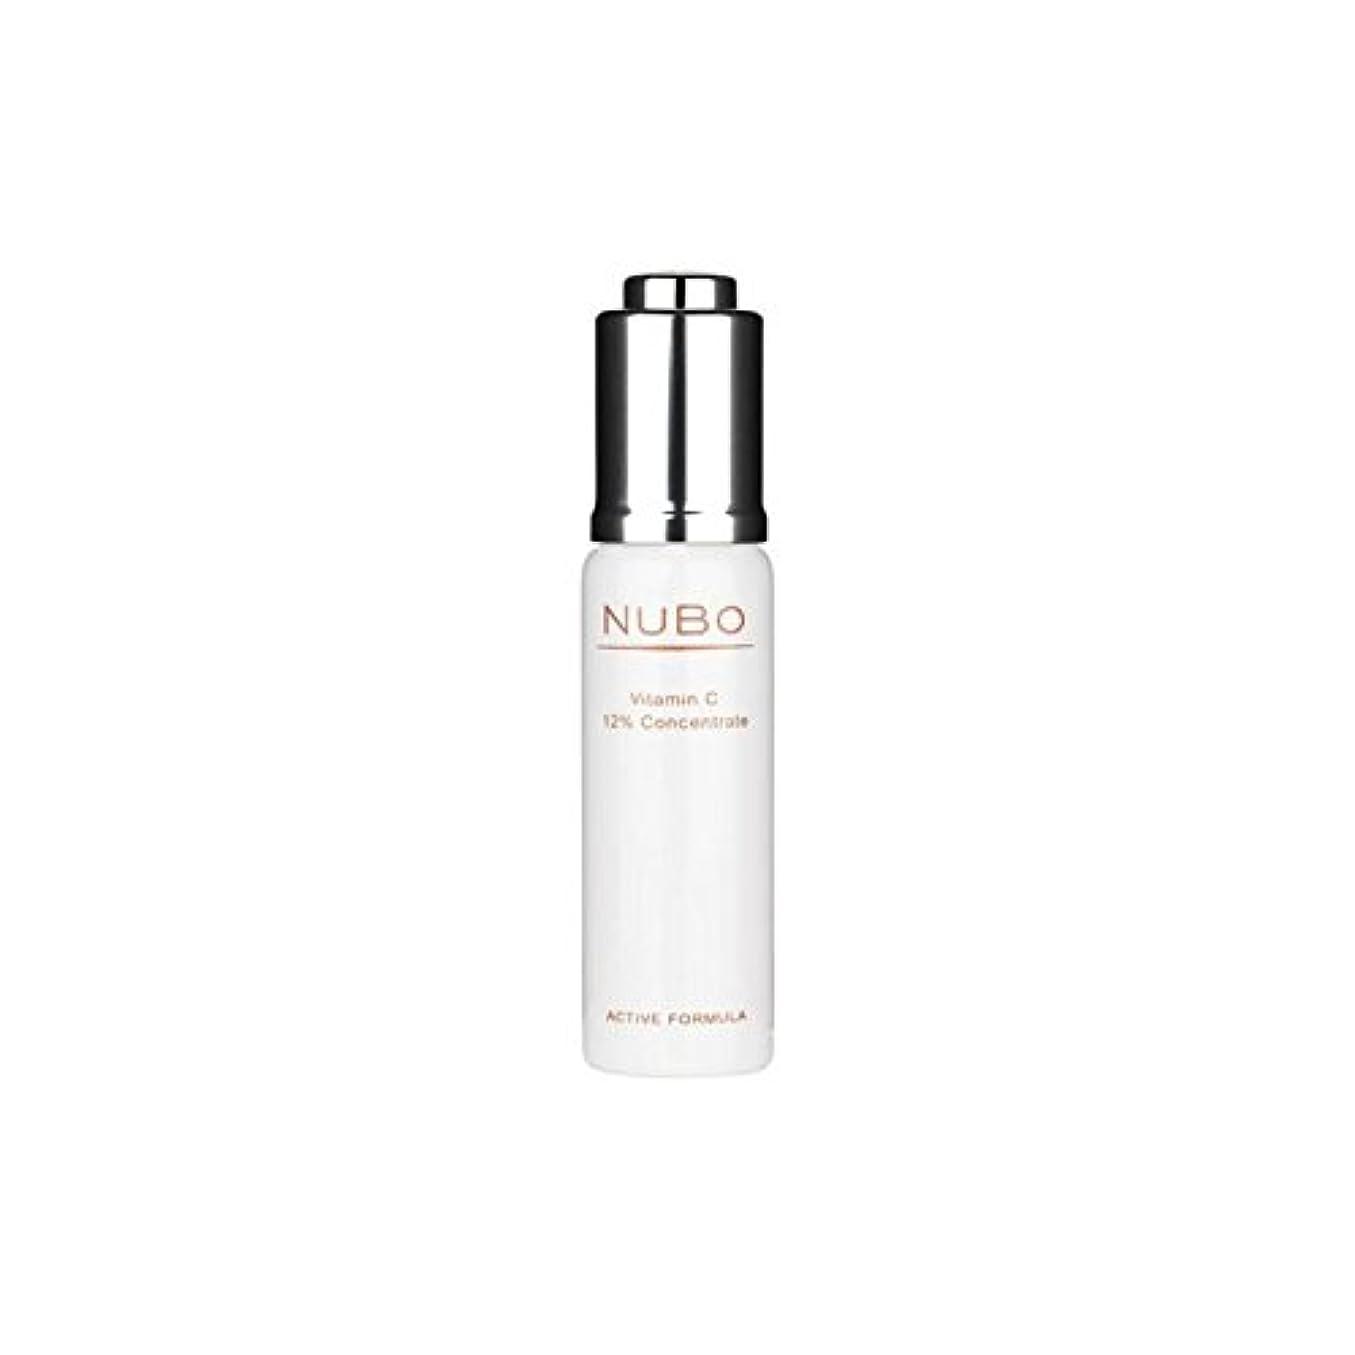 関与する半導体壮大ビタミン 12%の濃縮物(15ミリリットル) x4 - Nubo Vitamin C 12% Concentrate (15ml) (Pack of 4) [並行輸入品]